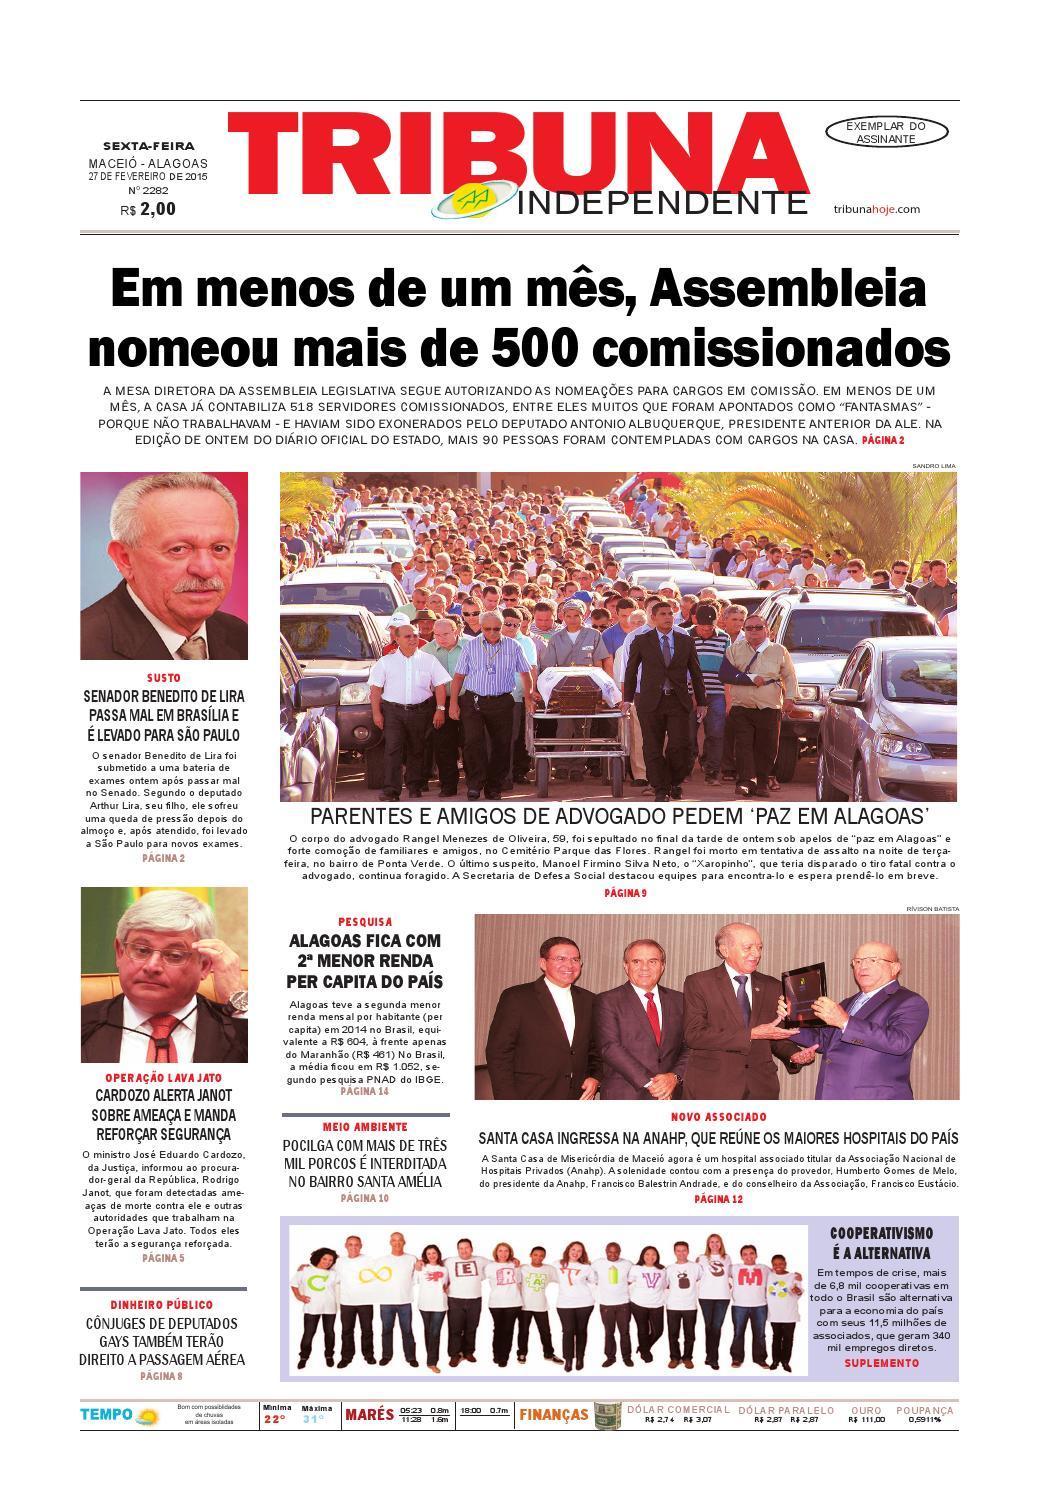 46724f138 Edição número 2282 - 27 de fevereiro de 2015 by Tribuna Hoje - issuu